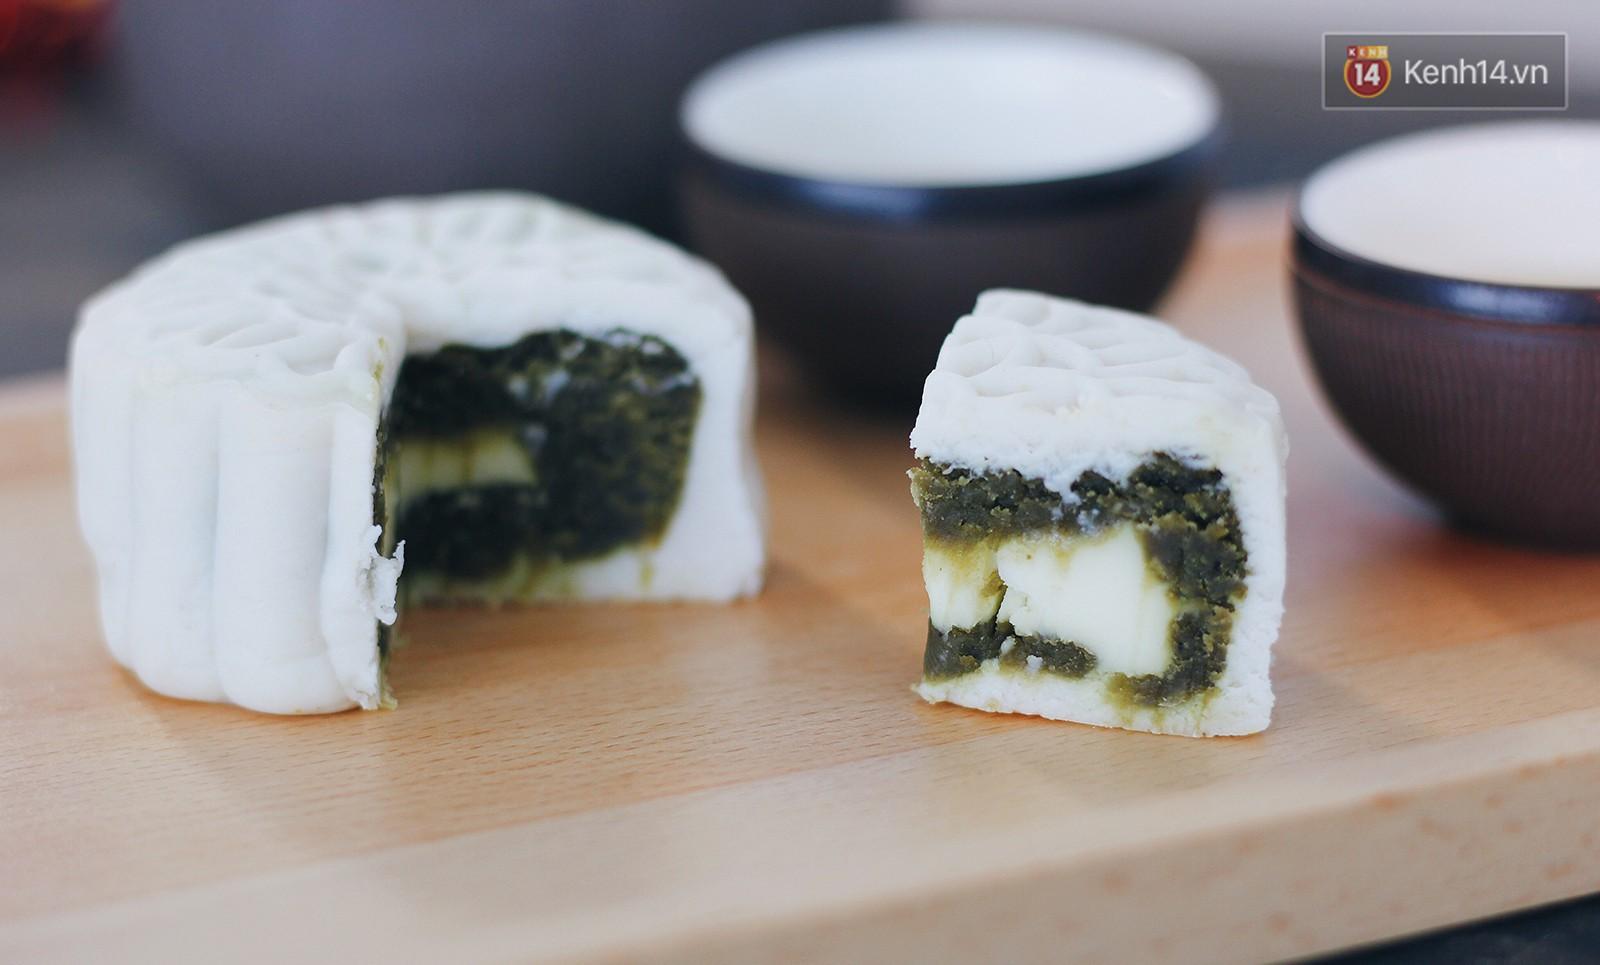 Nhìn mấy loại bánh Trung thu này mới thấy không gì là không thể xảy ra: đến tỏi cũng cho vào bánh được - Ảnh 7.